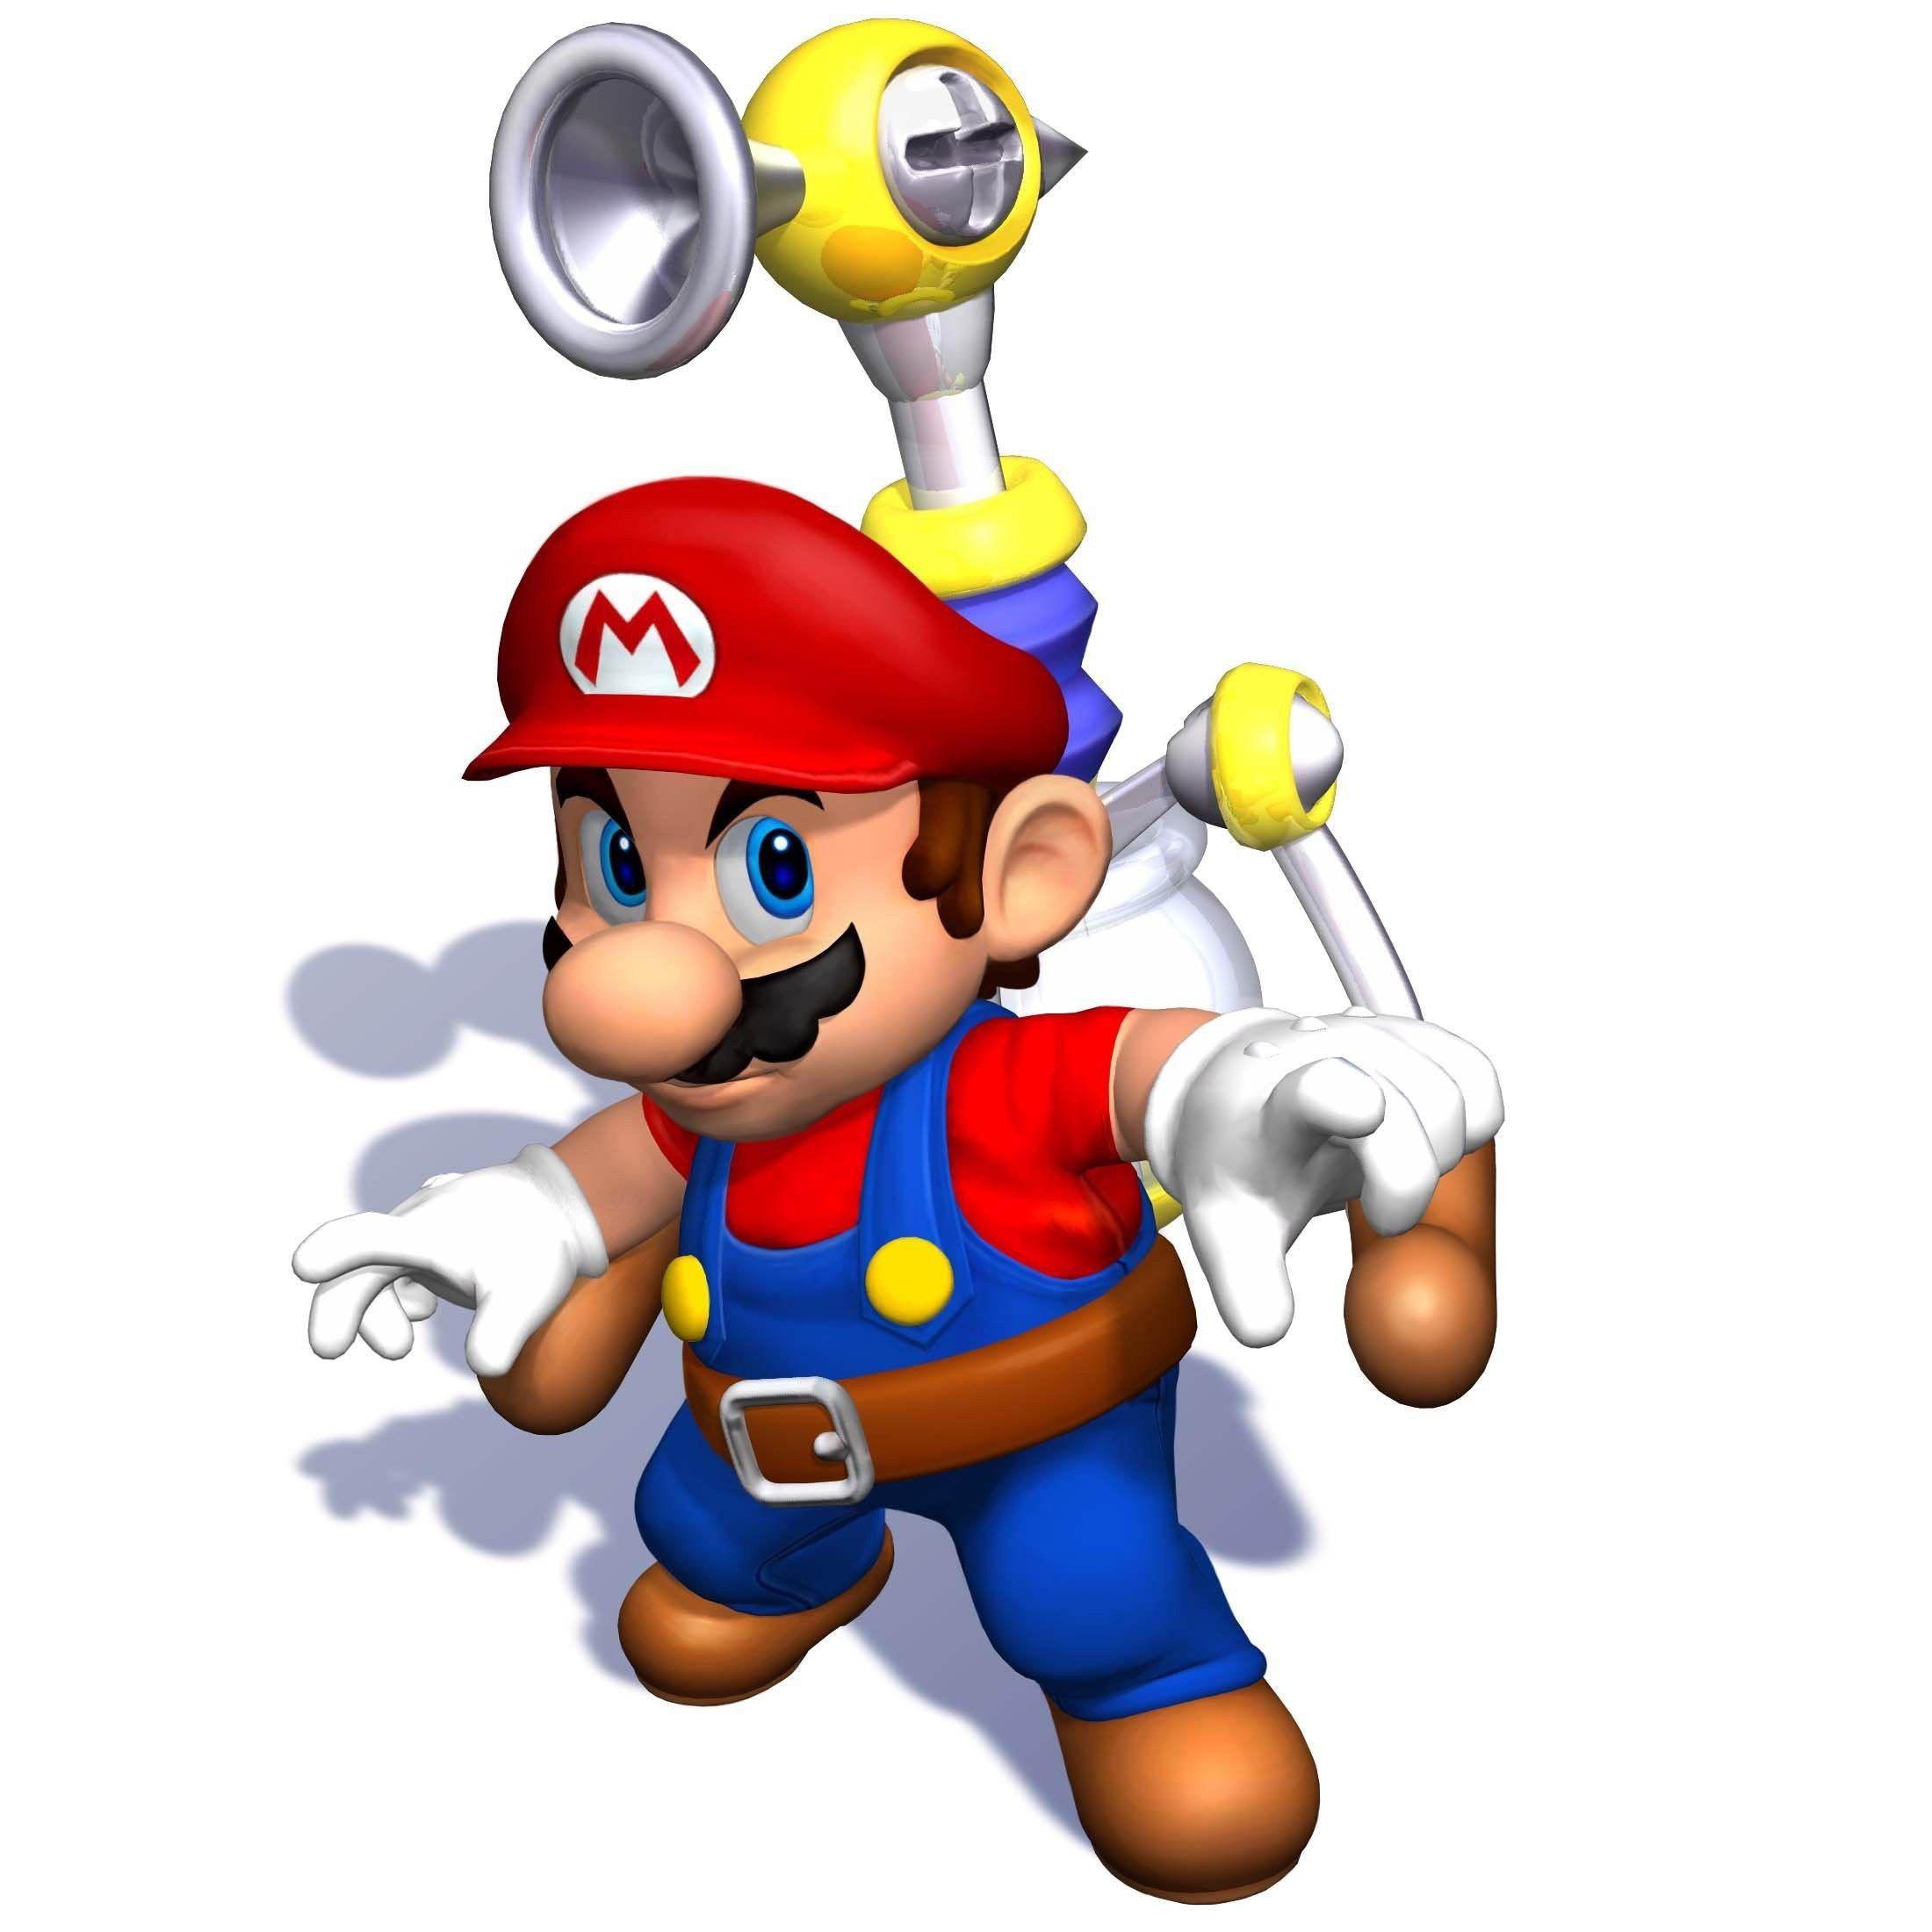 Super mario clipart download png Hd Super Mario Super Mario Download Super Mario - ClipArt ... png